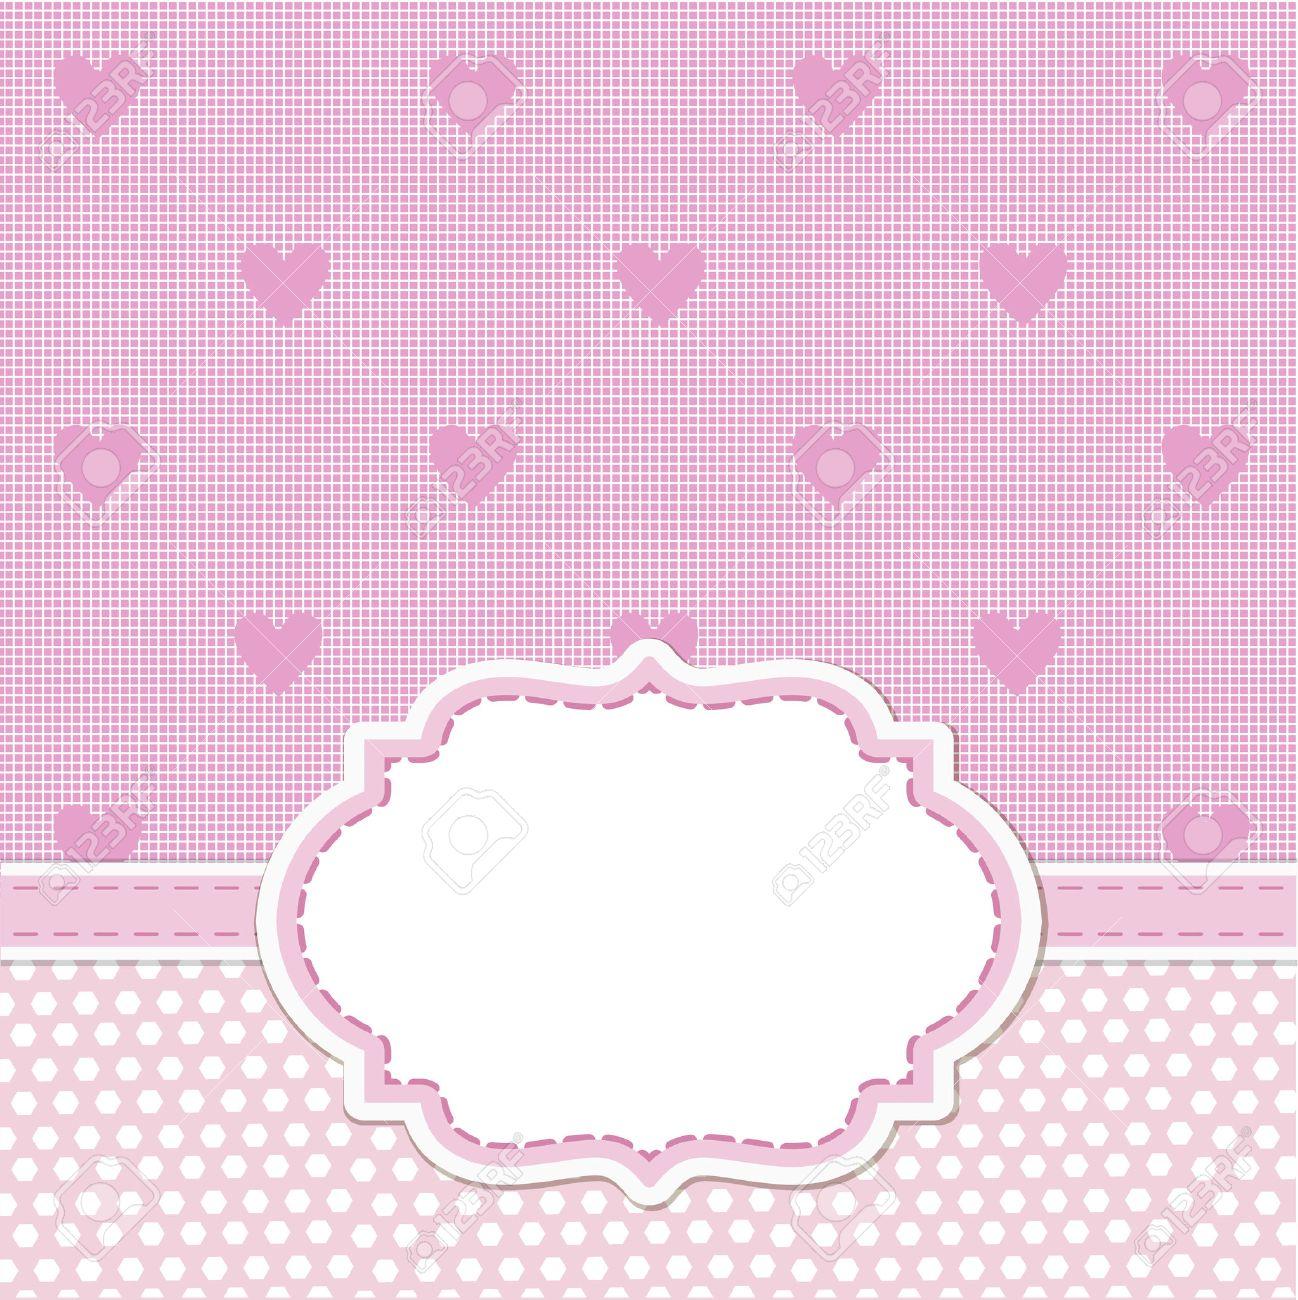 Rosa Karte Einladung Für Babyparty, Hochzeit Oder Geburtstagsfeier Mit  Weißen Streifen. Netter Hintergrund Mit